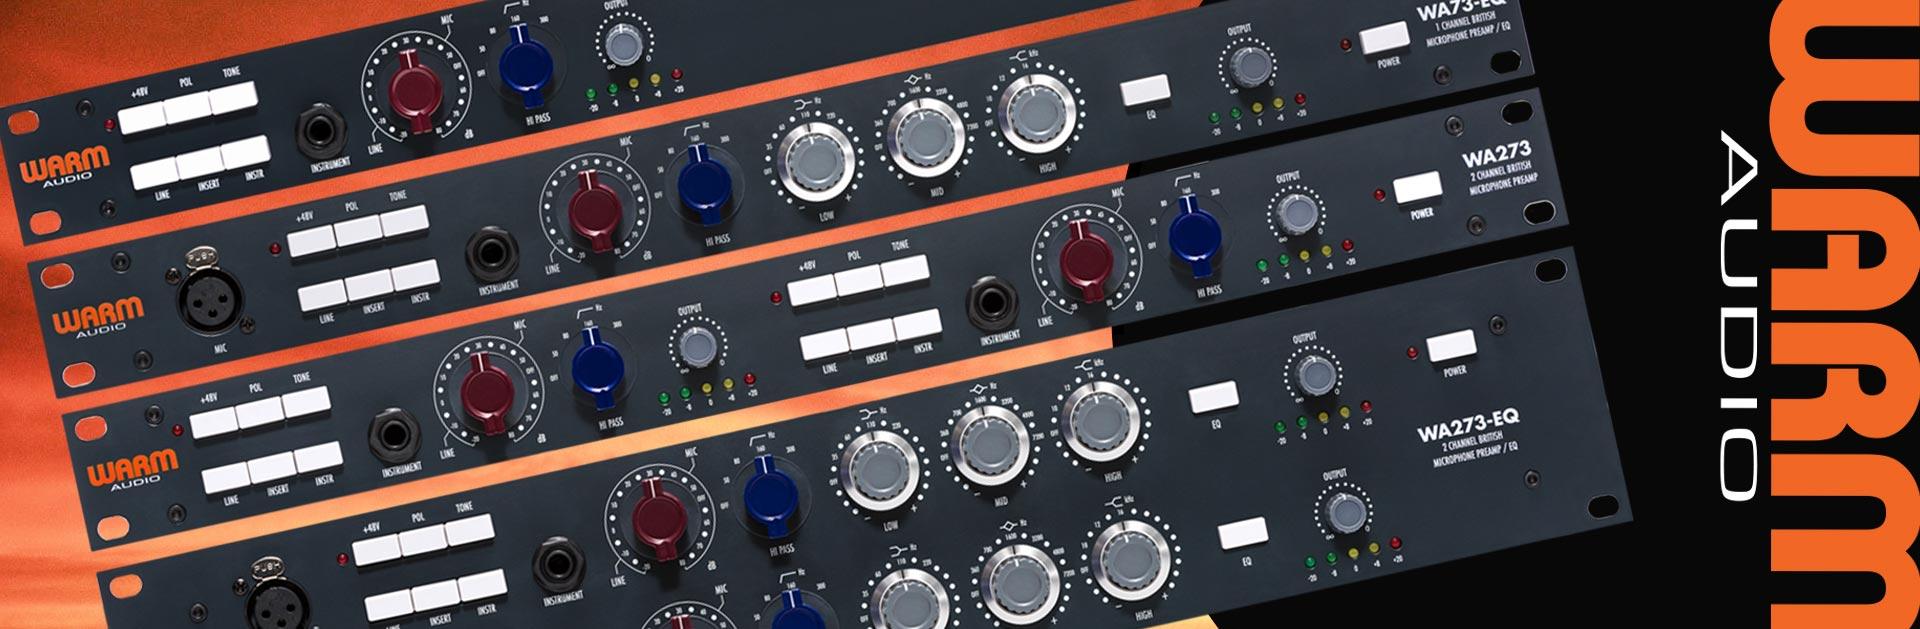 Warm Audio WA73 family